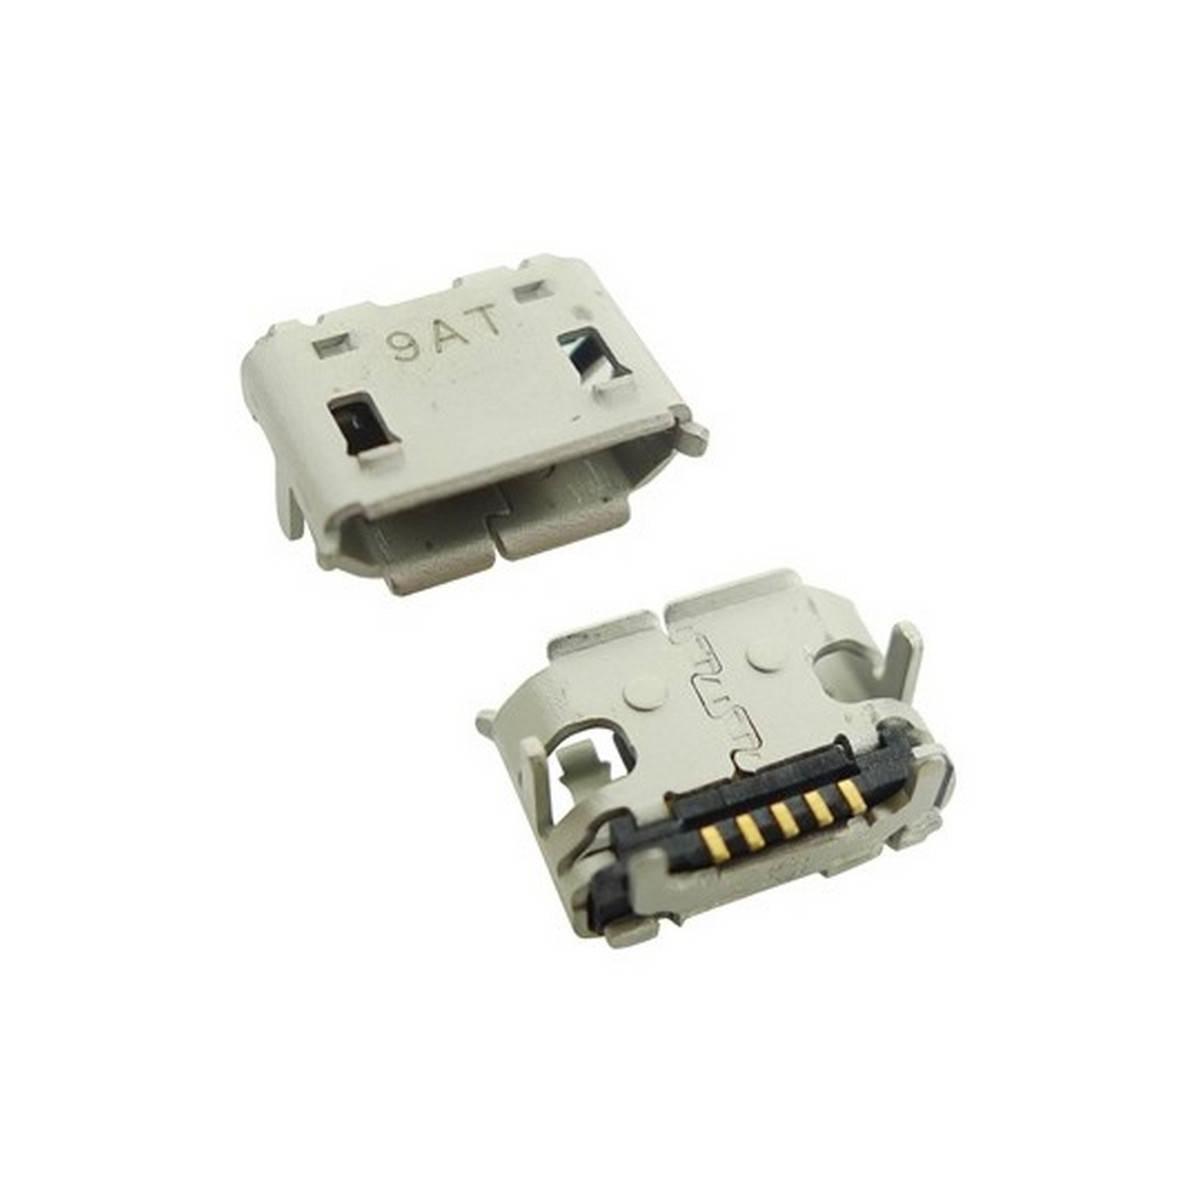 Conector de carga micro usb para BlackBerry 9550, 9700, 8520, 9800